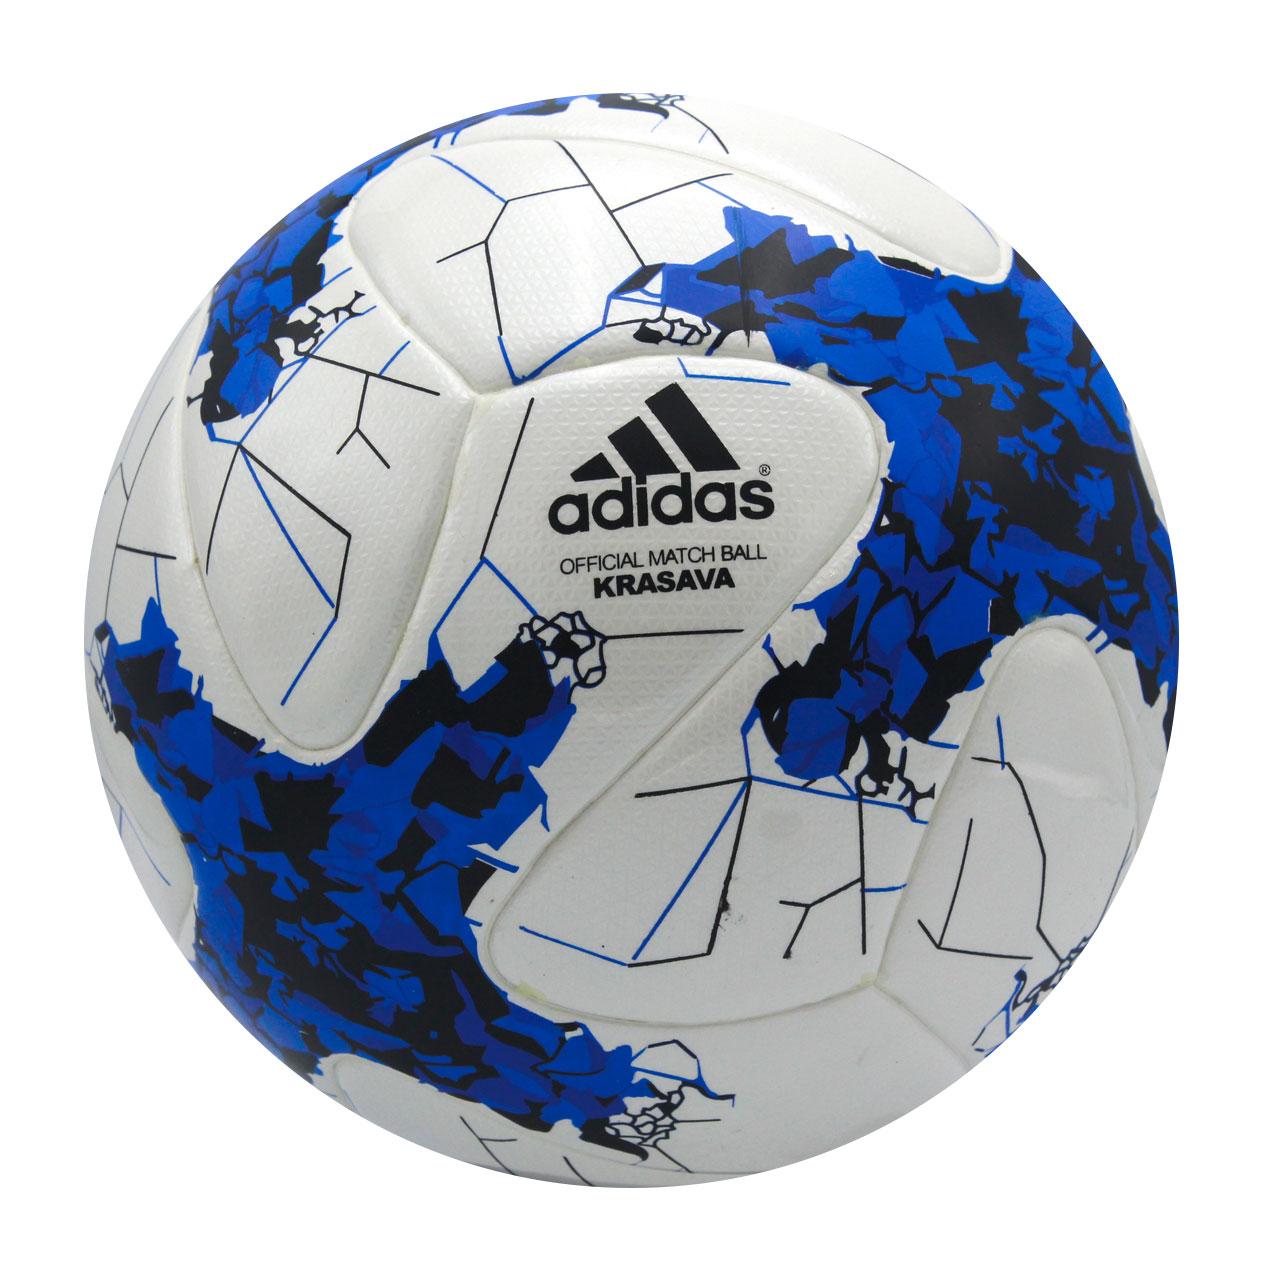 توپ فوتبال آدیداس مدل 2 KRASAVA